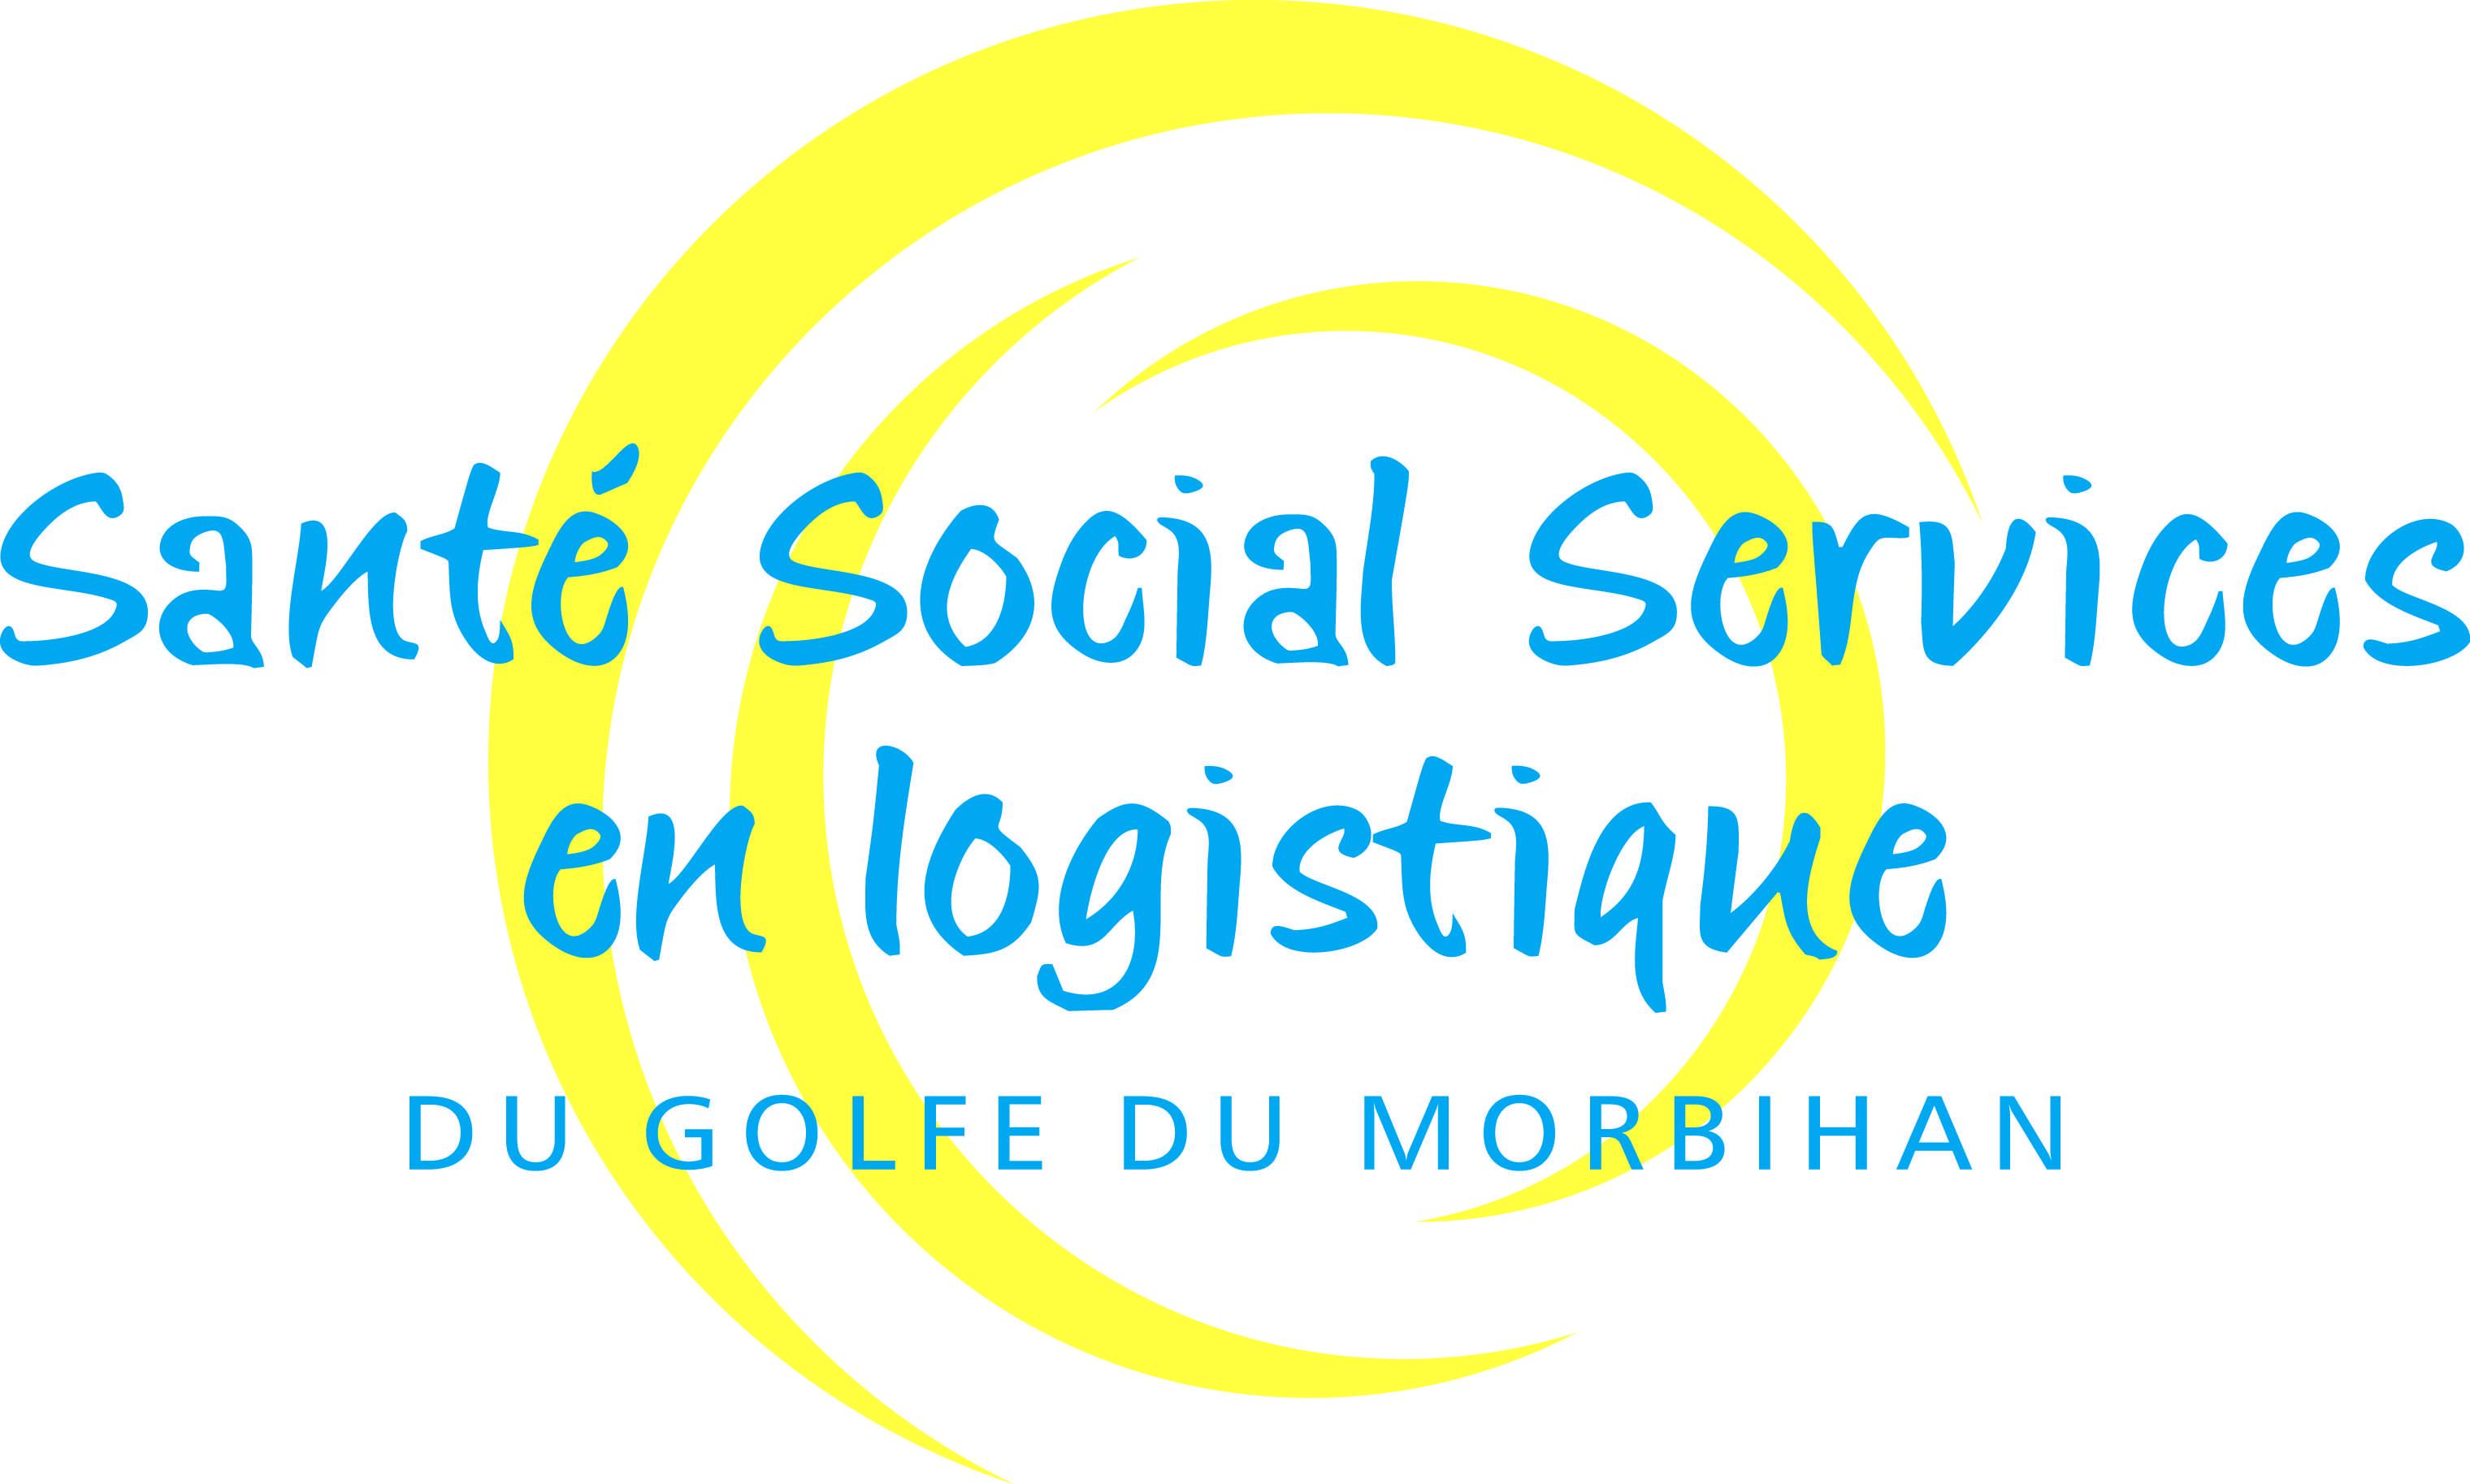 Offres demploi sant social services en logistique du golfe du accder son cv crer un cv thecheapjerseys Choice Image